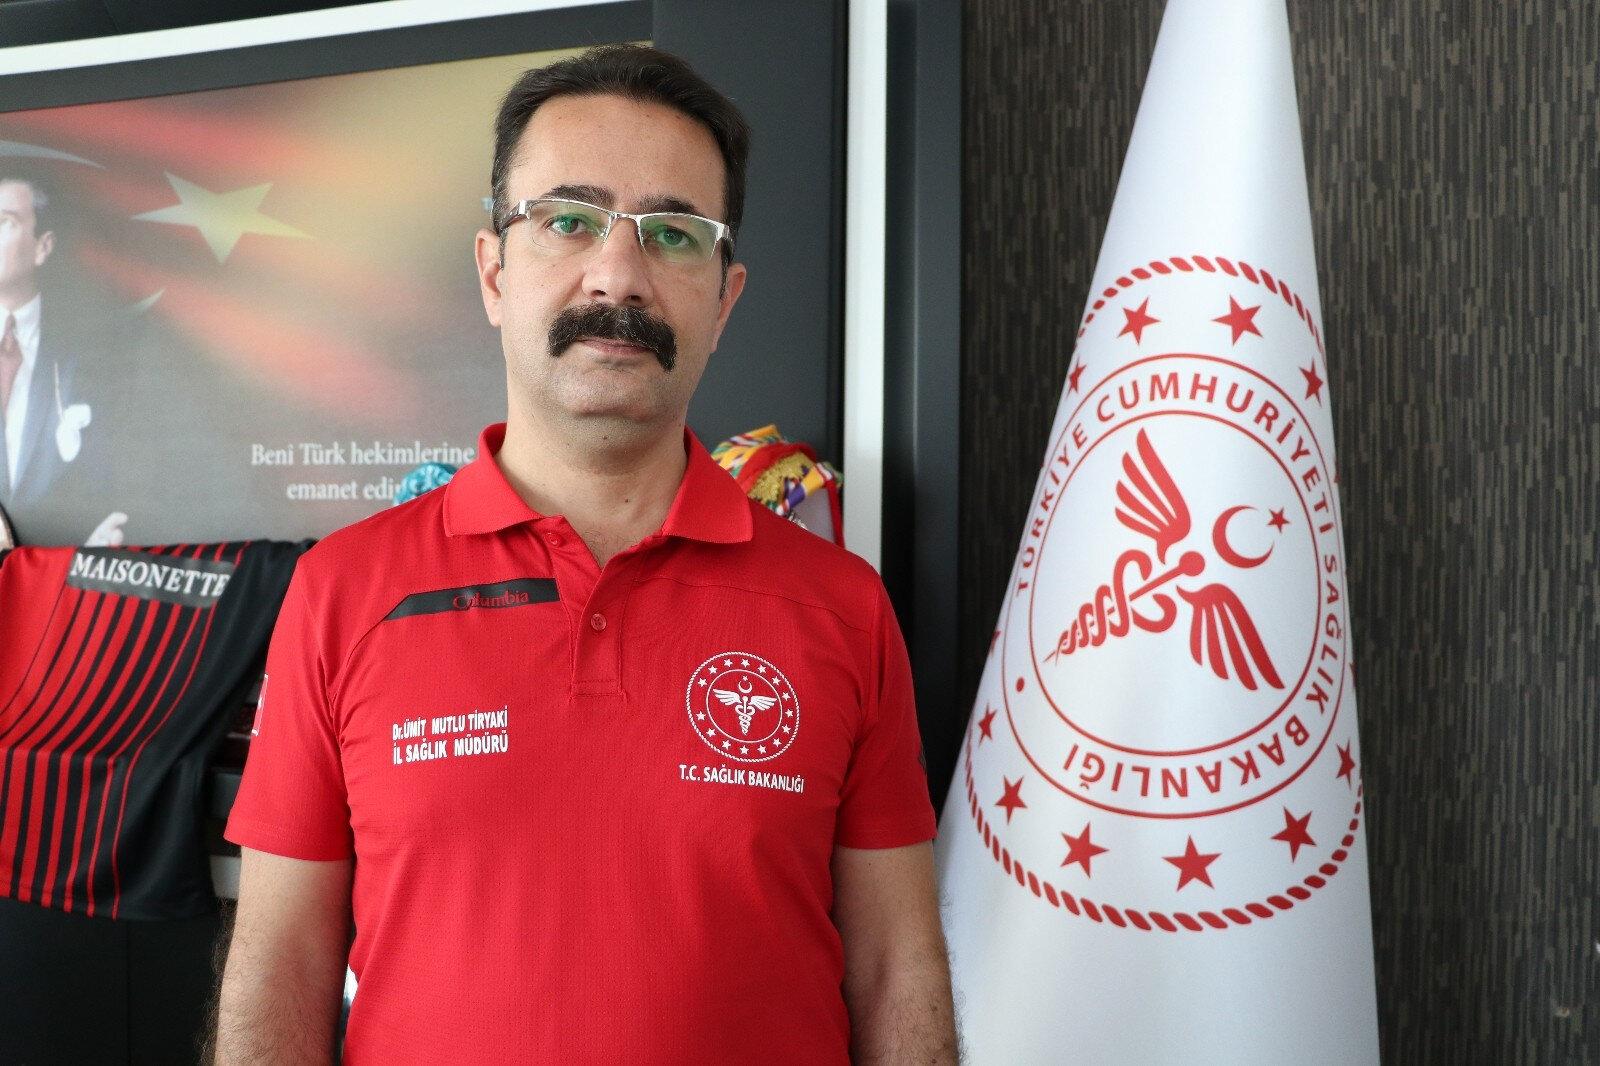 Gaziantep İl Sağlık Müdürü Dr. Ümit Mutlu Tiryaki uyardı: Vakaların yüzde  70'i aşısız - Yeni Şafak